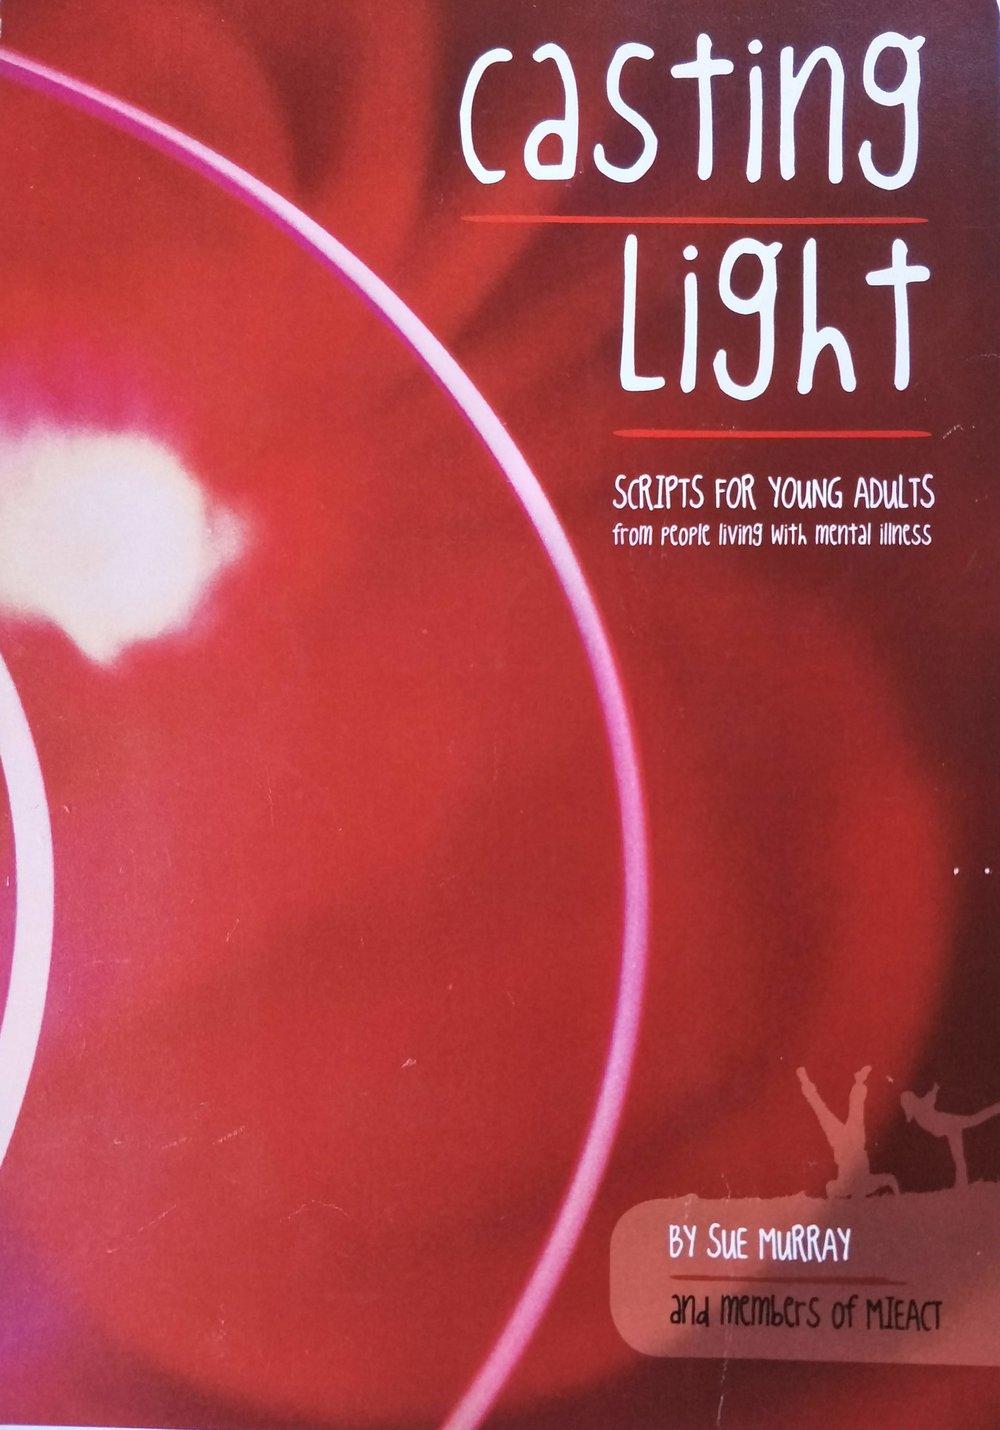 Casting+Light+cover.jpg